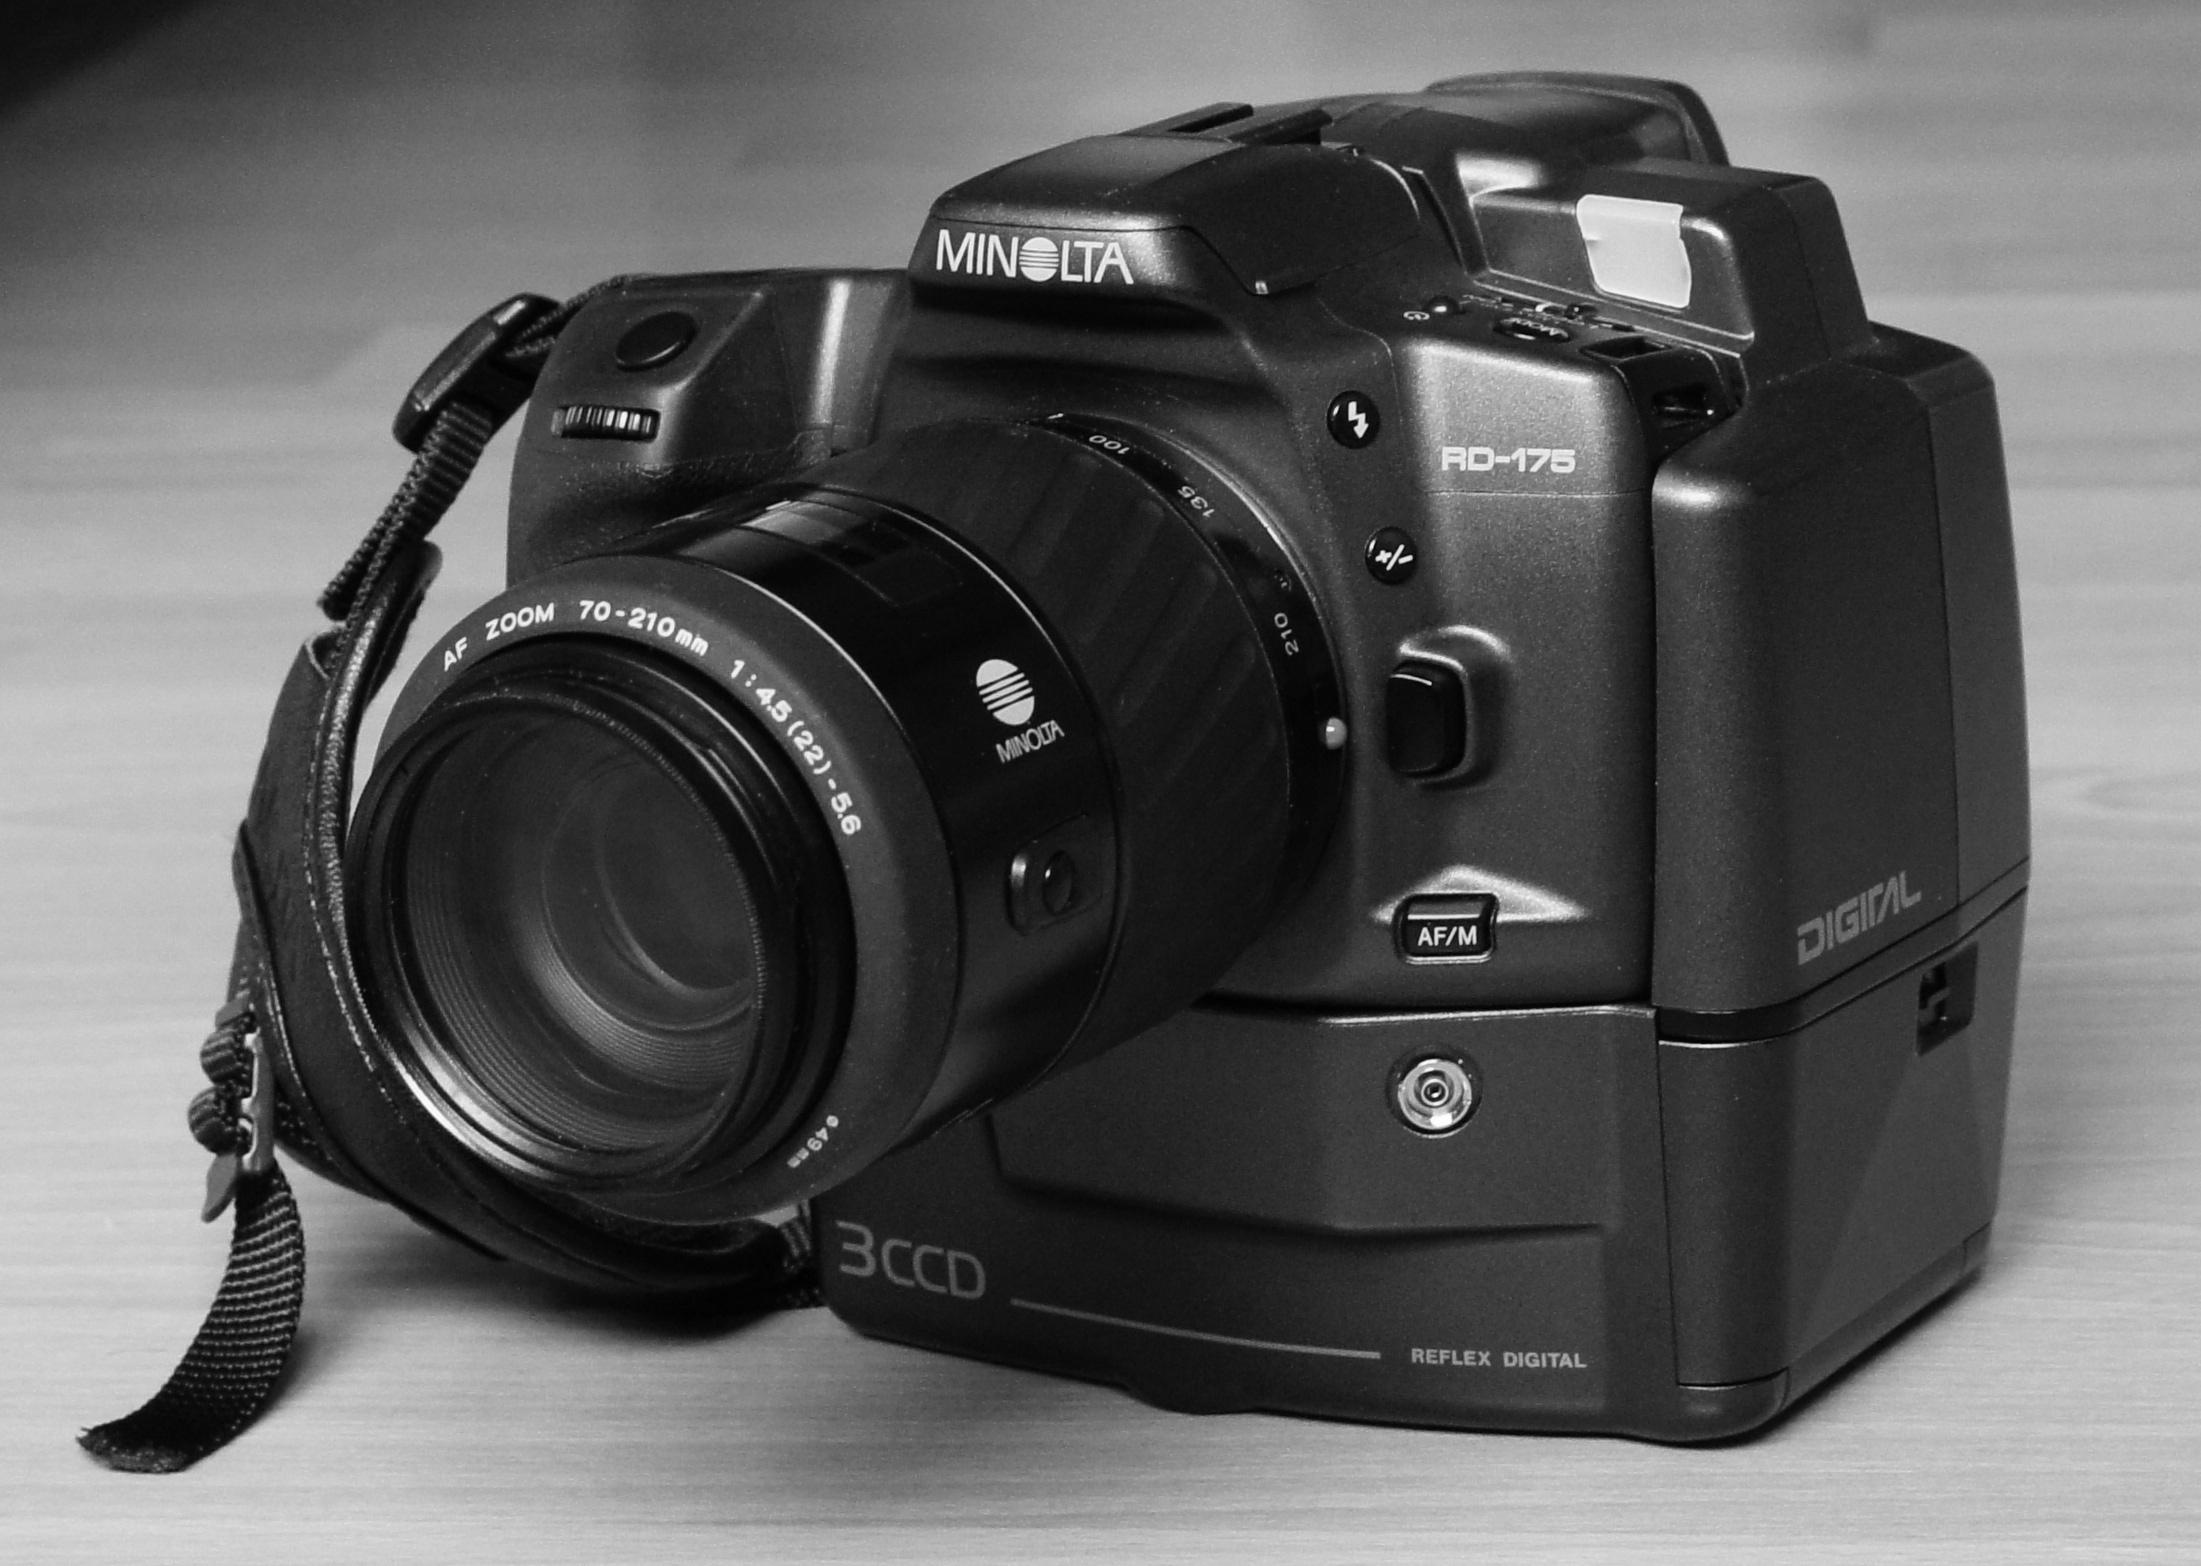 fileminolta rd 175 digital slrjpg - Minolta Digital Camera